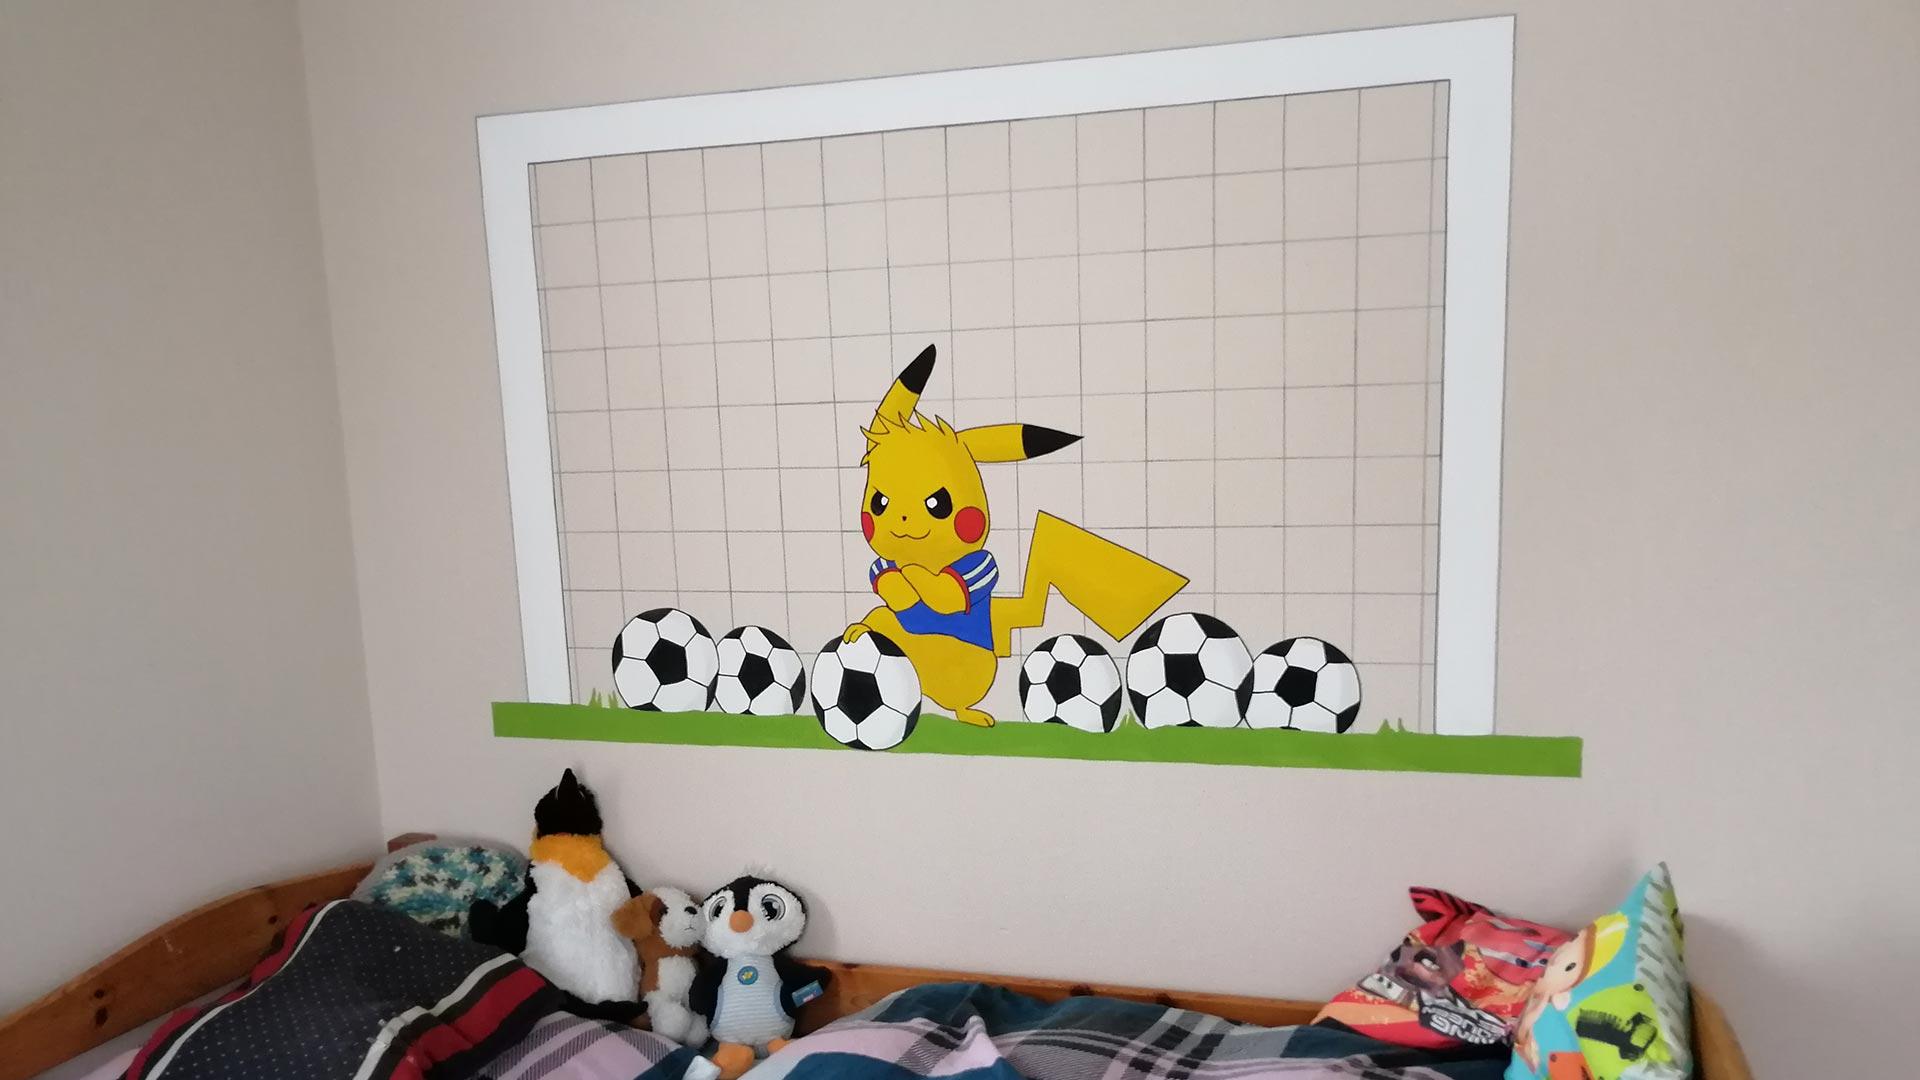 kreative Auftragsarbeit in einem Kinderzimmer